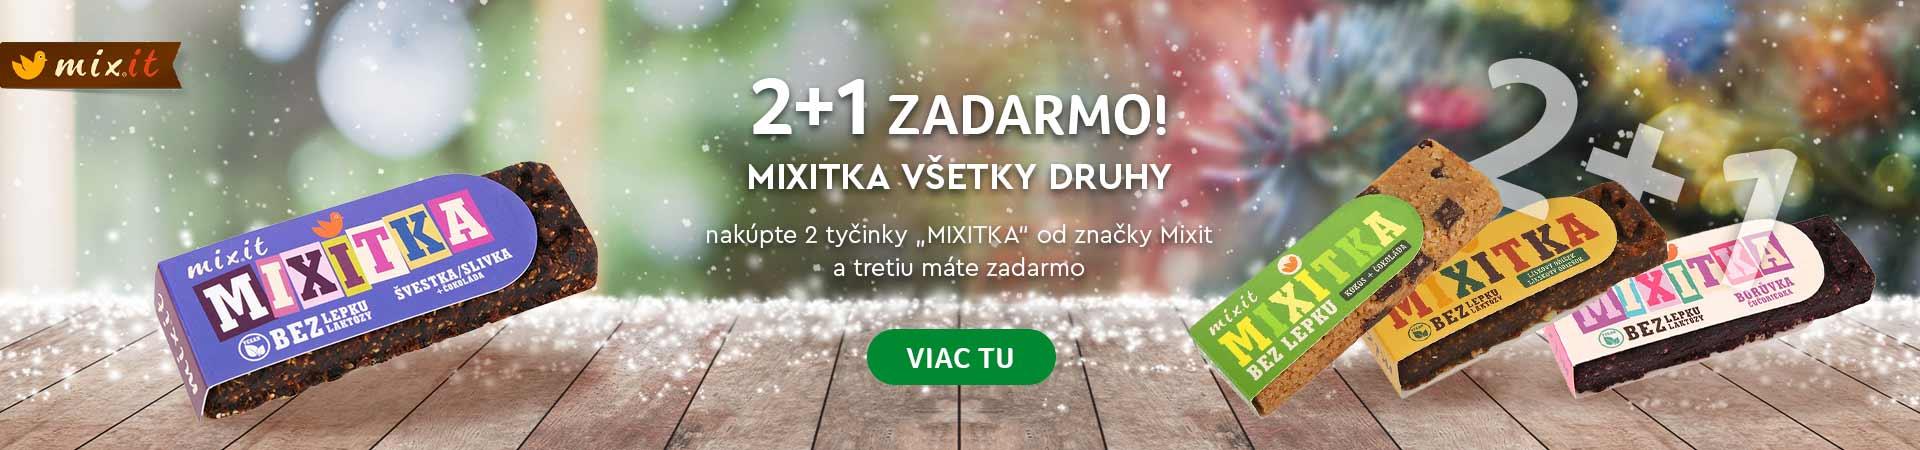 mixitky 2+1